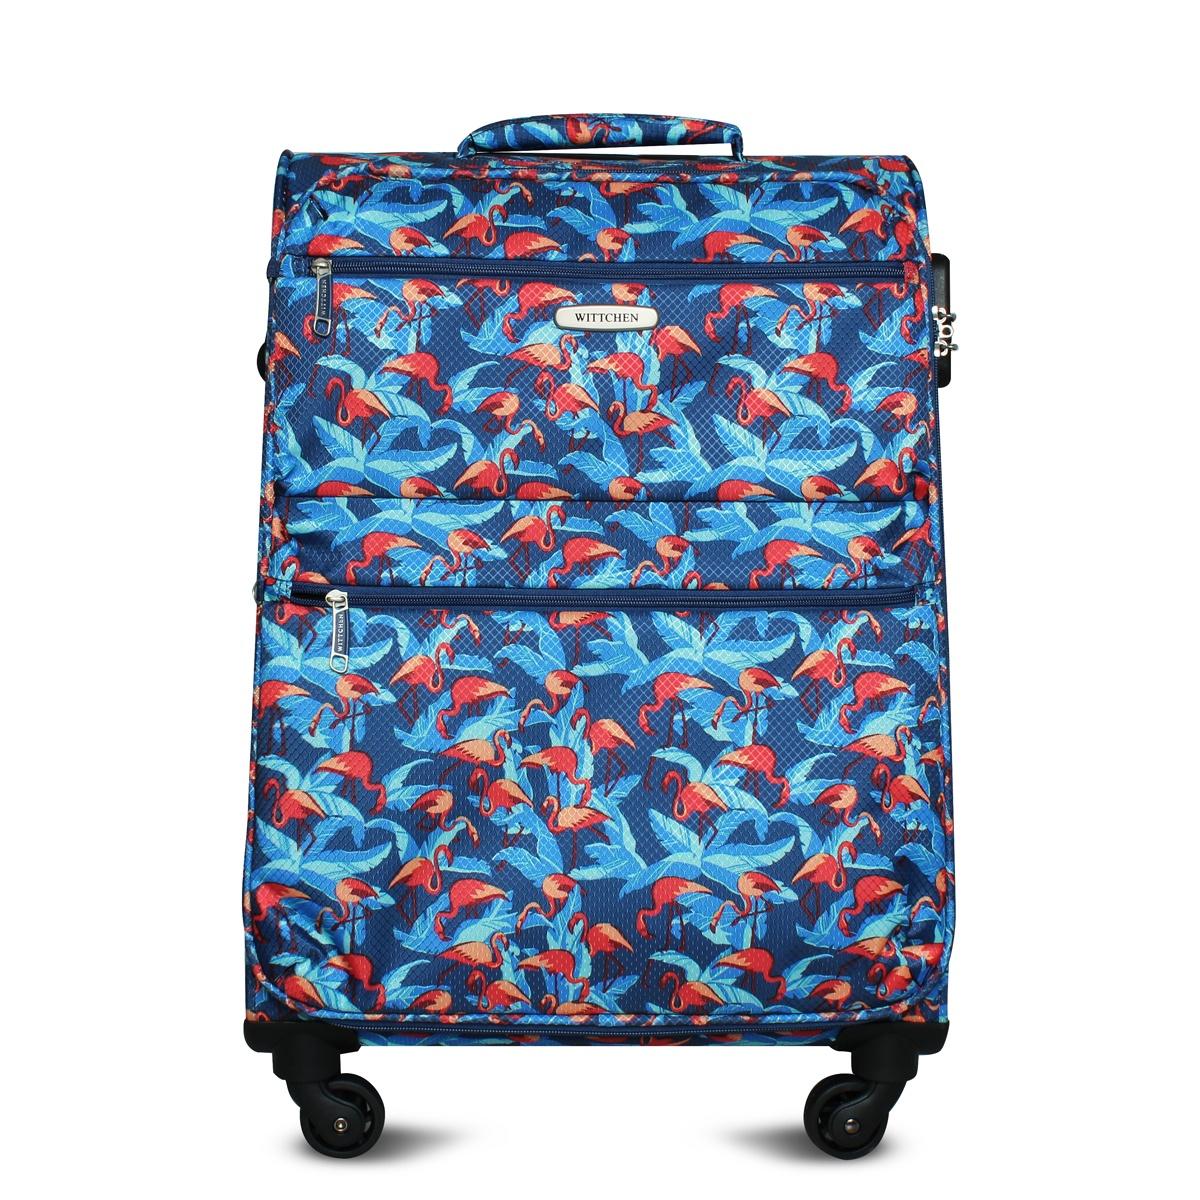 Чемодан WITTCHEN 56-3S-542, синий, розовый56-3S-542-FLСредний чемодан на колёсах от бренда WITTCHEN. Яркий и модный чемодан с фламинго выполнен из легкого водонепроницаемого материала, оснащен удобной телескопической ручкой и двумя ручками на верхней и боковой части чемодана. Оснащен кодового замком.